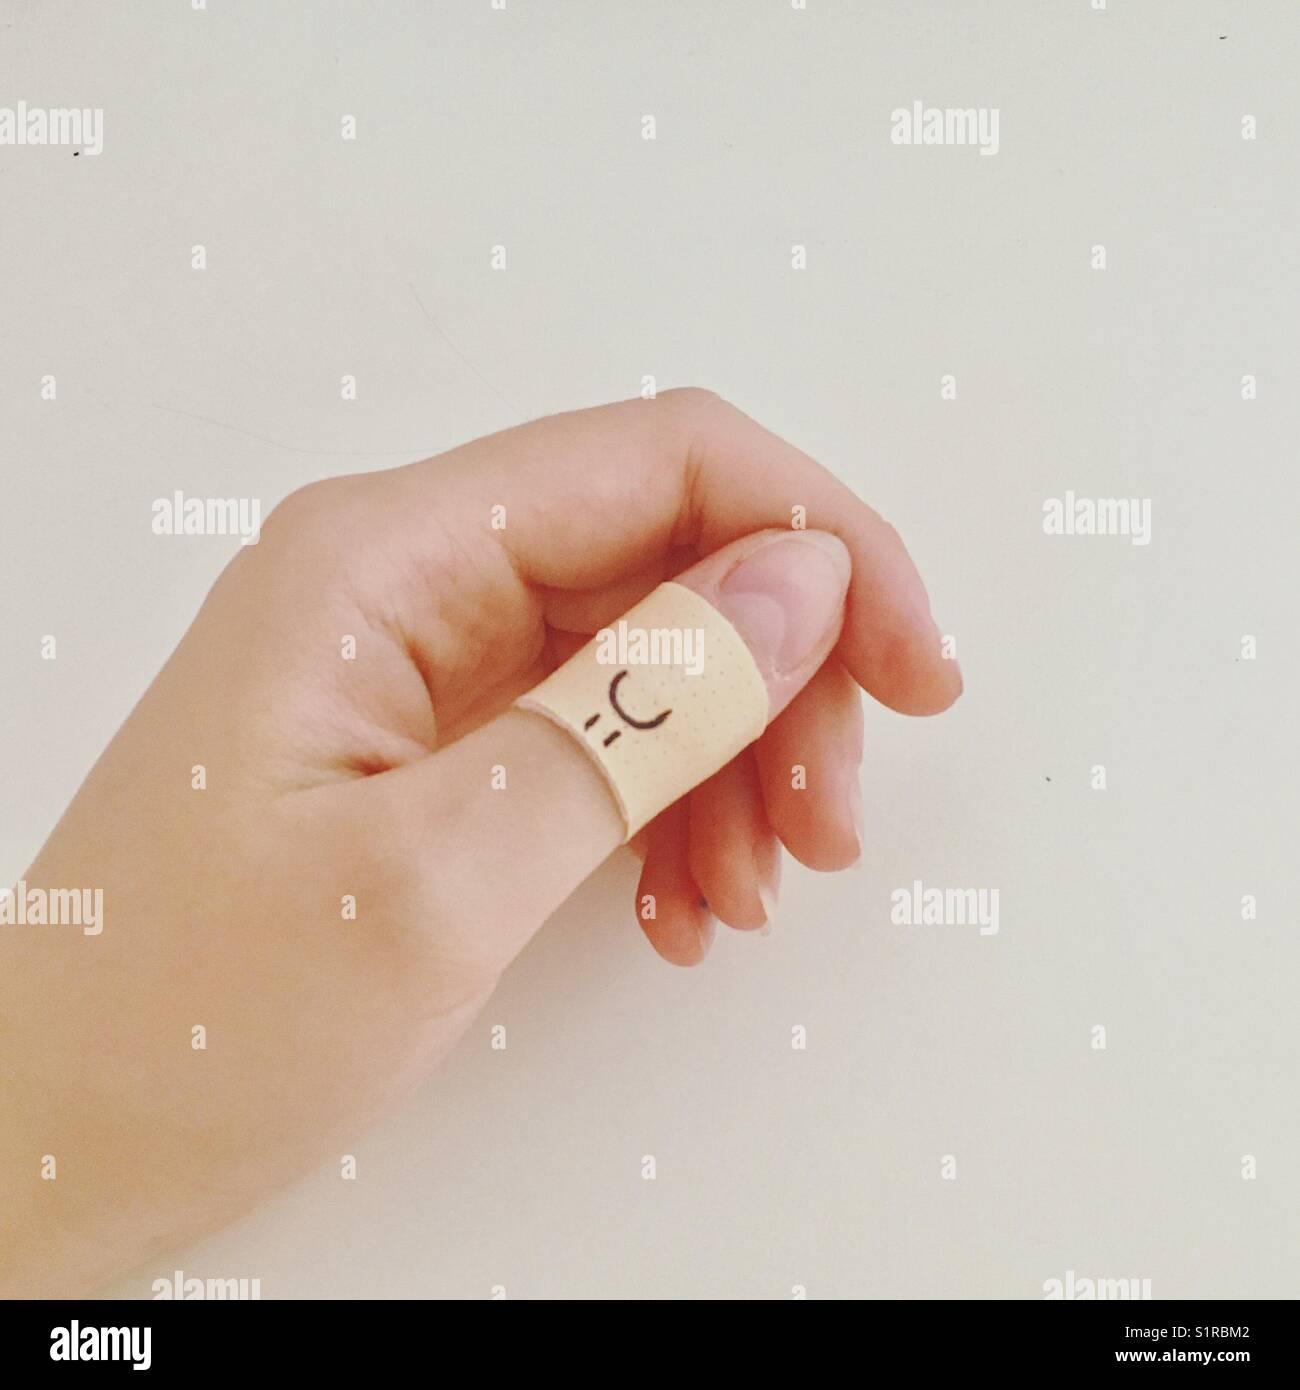 Hand hurt. - Stock Image